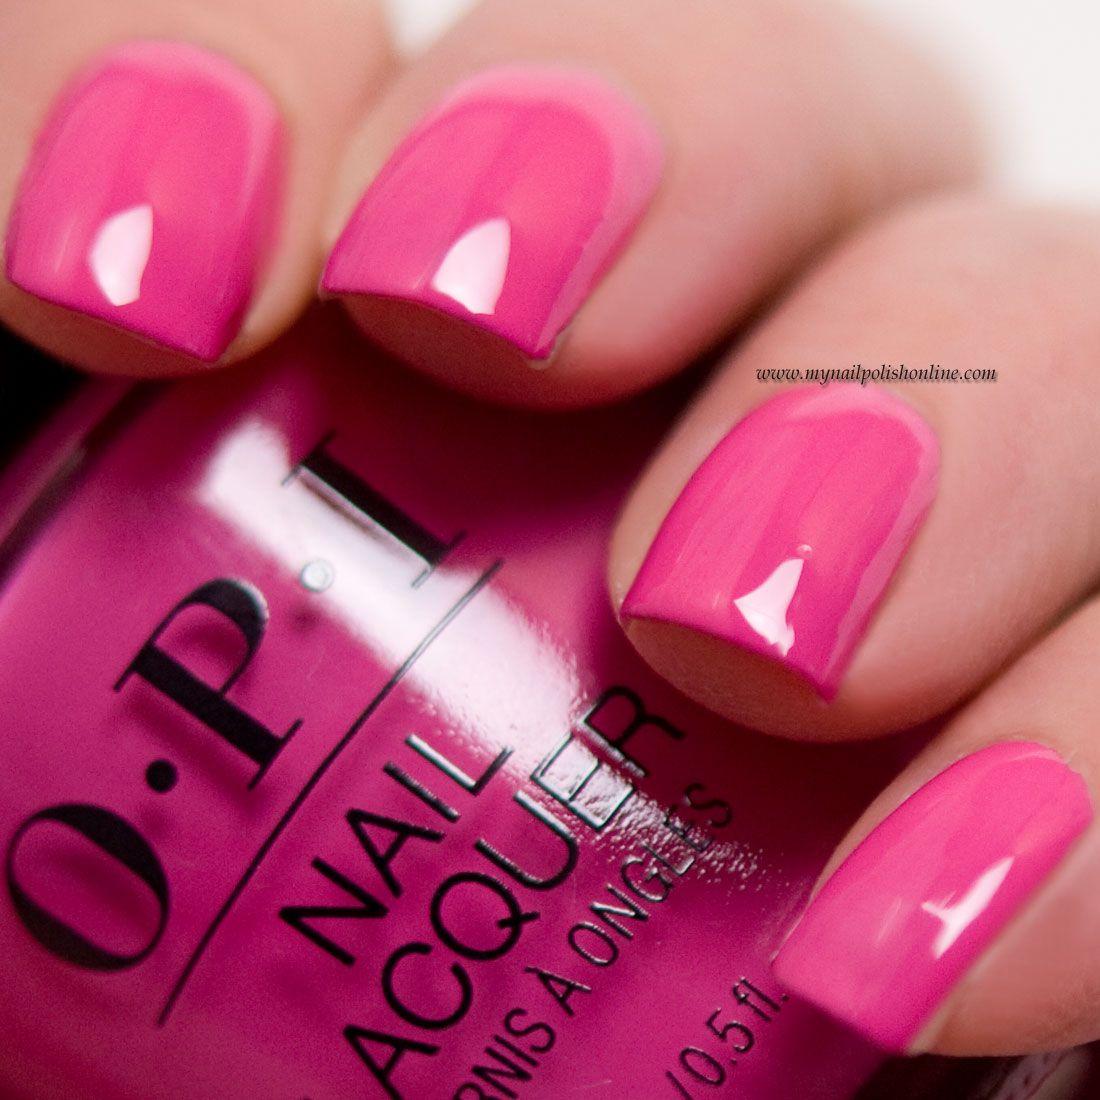 OPI No turning back from Pink Street | Nails | Nails, Nail polish ...